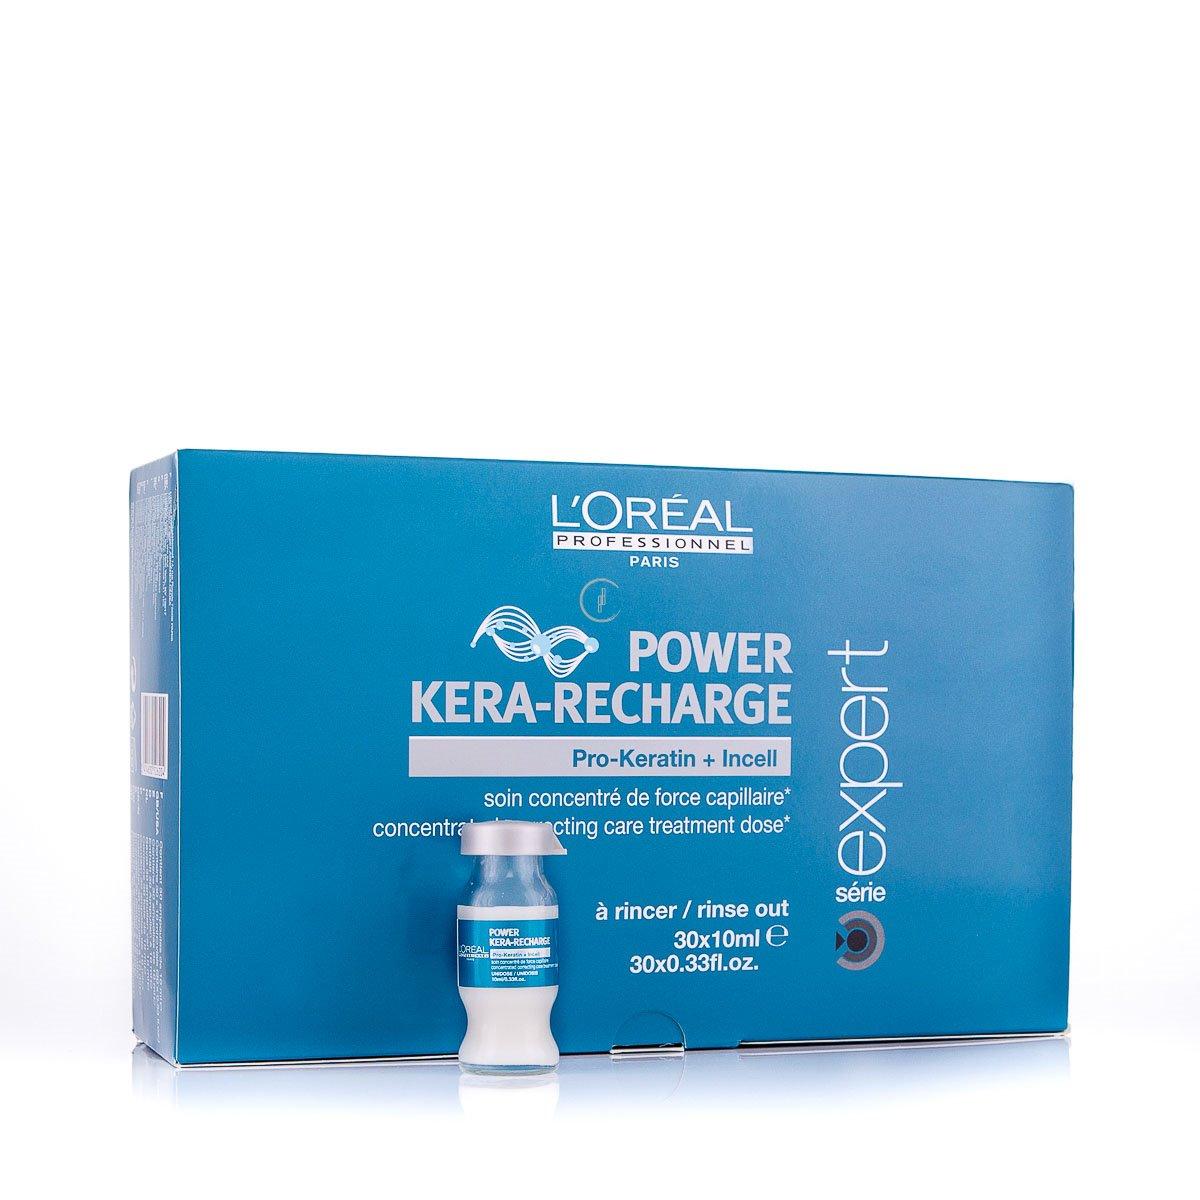 LOreal Professionnel Концентрированная корректирующая монодоза-уход для поврежденных волос Expert Pro-Keratin Refill Power Kera-Recharge - 30*10 млE0526204Концентрированная корректирующая монодоза с креатином Pro-Keratin Refill. Средство предназначено для разглаживания сильно поврежденных волос или особенно чувствительных зон, требующих дополнительного ухода волос и интенсивно питает ослабленные, поврежденные и ломкие волосы, увеличивает объем и дает плотность тонким волосам. Защищает волосы от воздействия УФ-излучения, вредных влияний внешней среды.Активные компоненты: Pro-кератин, молекулы Incell, протеины пшеницы, аргинин, фруктовые экстракты.